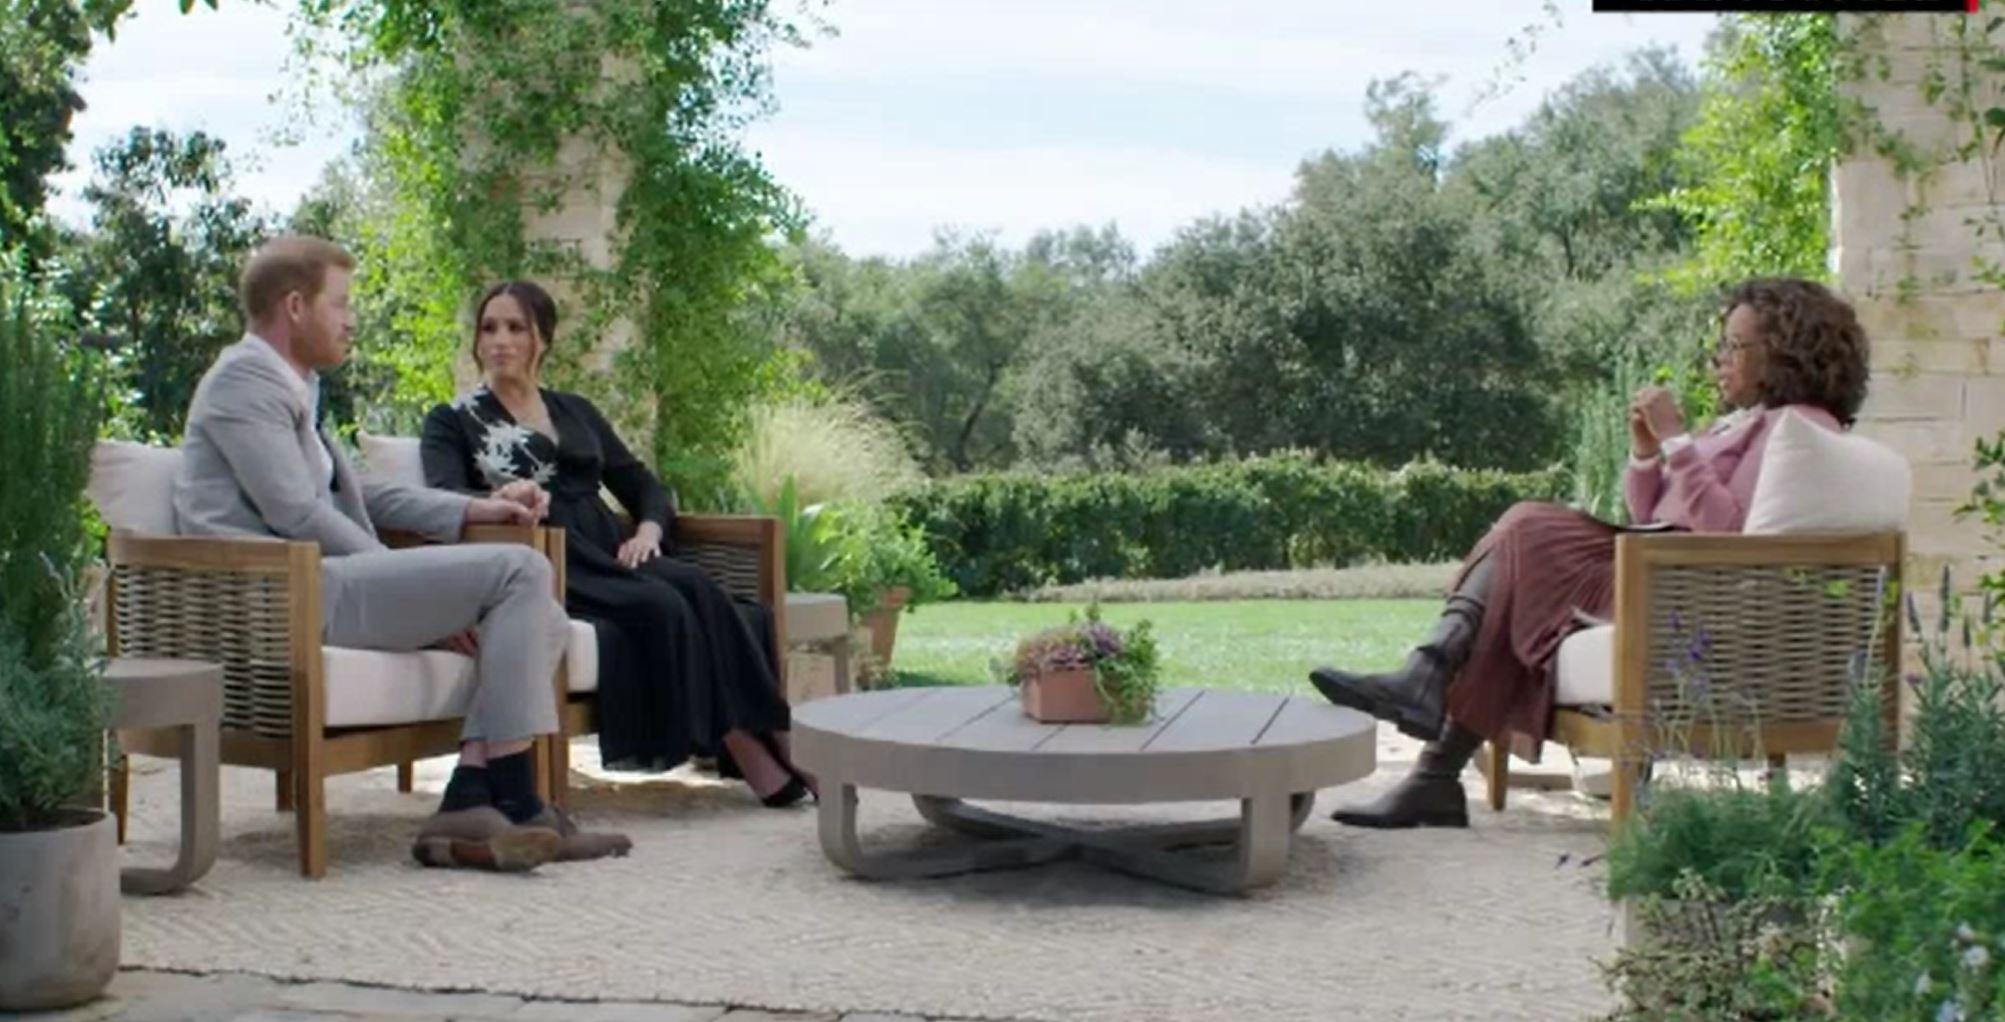 Noi dezvăluiri despre relația lui Harry și Meghan cu Casa Regală. Ce au mărturisit într-un interviu acordat lui Oprah